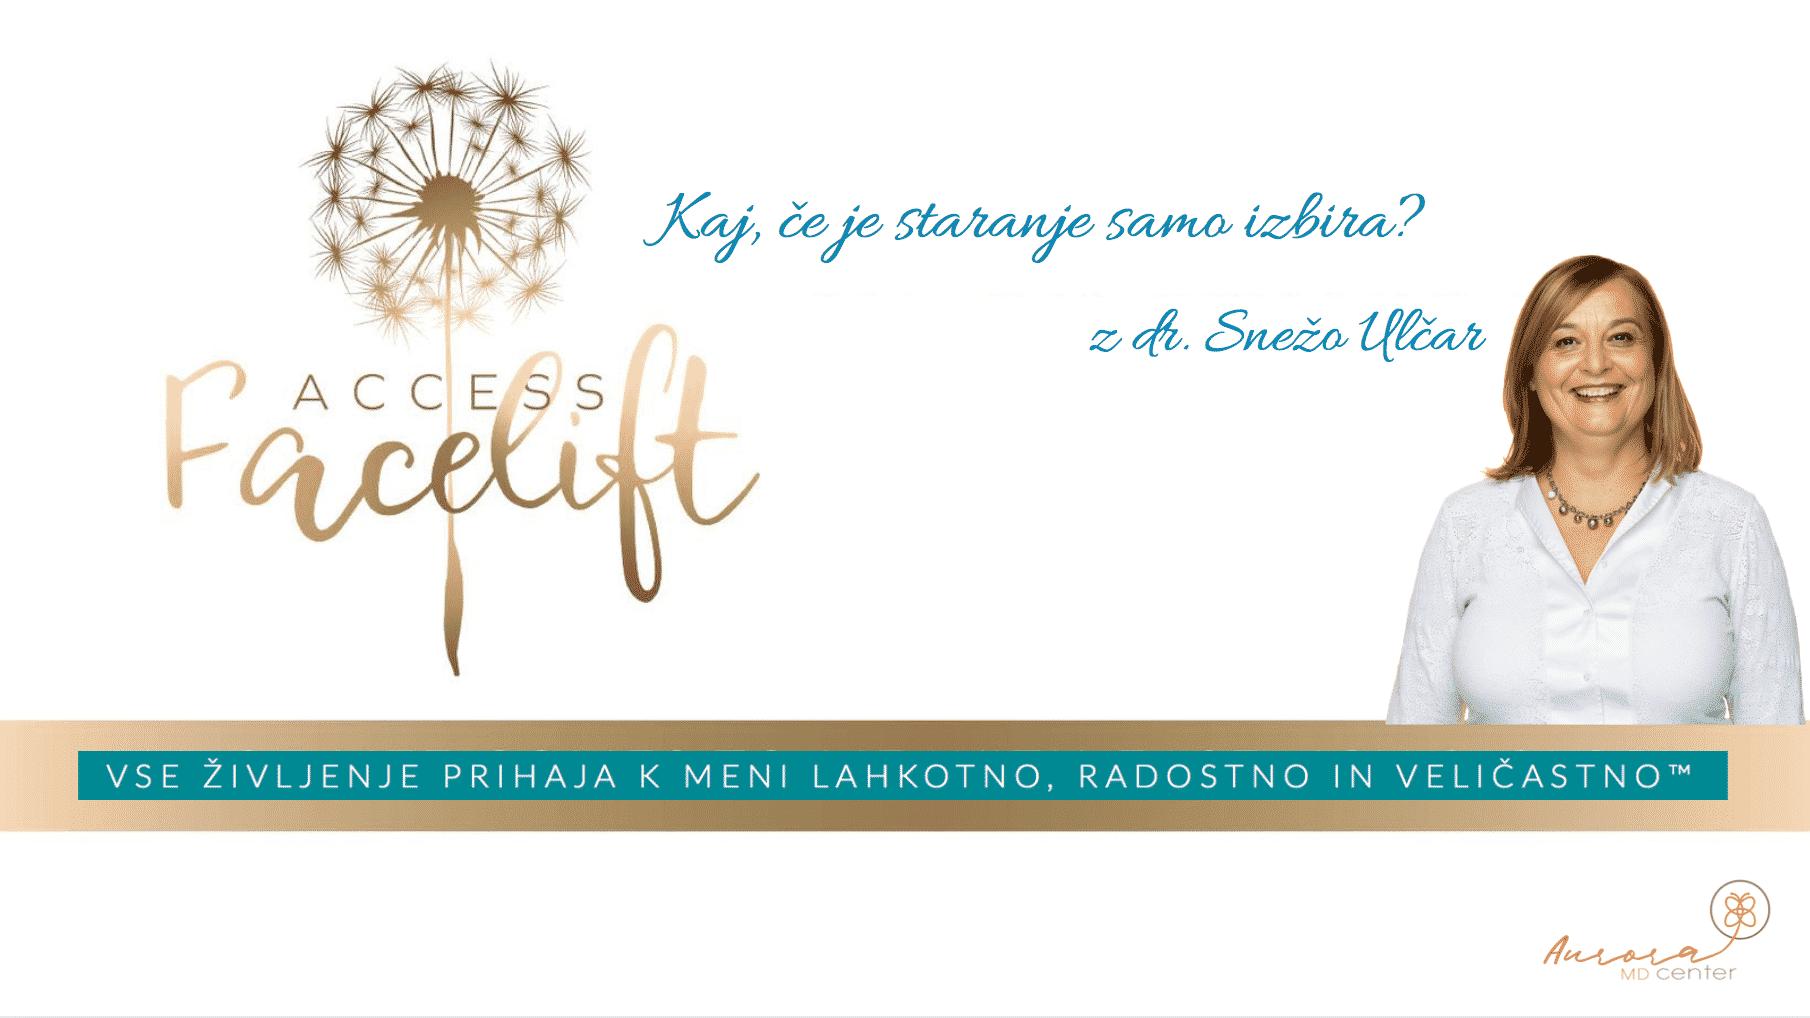 Access Facelift™ delavnica z dr. Snežo Ulčar, 20.7.2019, 9:30-16:30